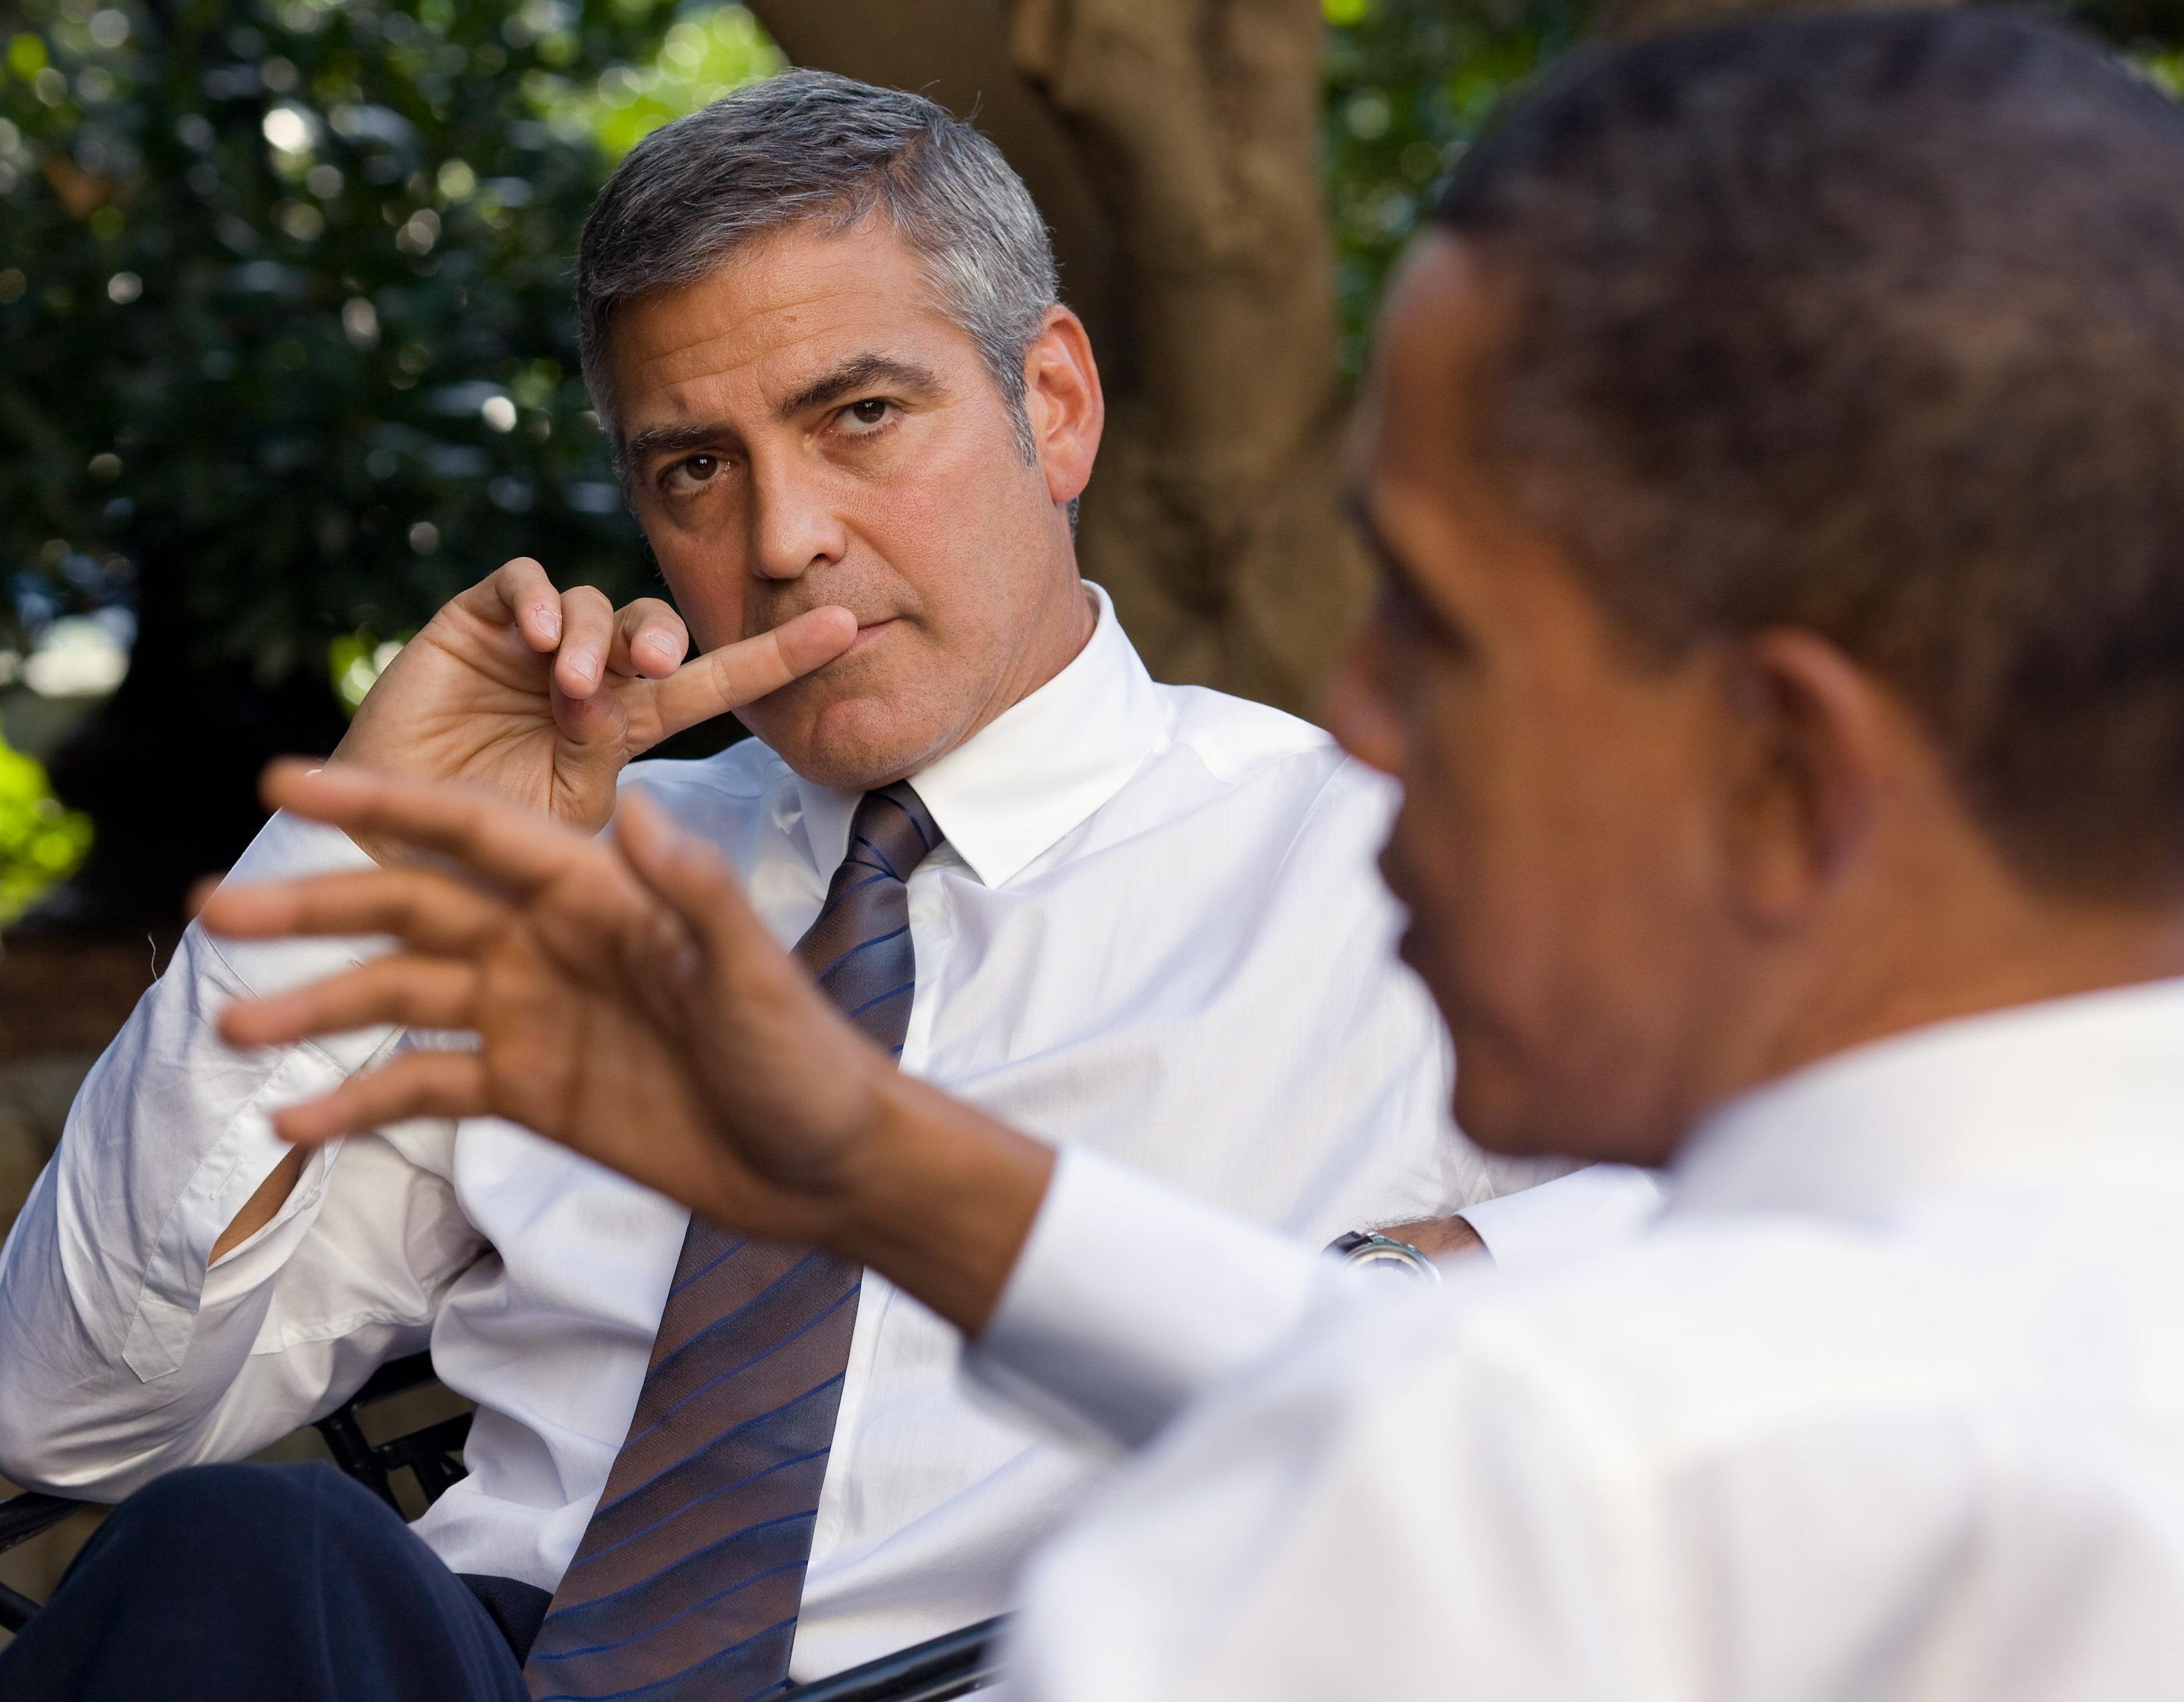 George Clooney For Desktop Background